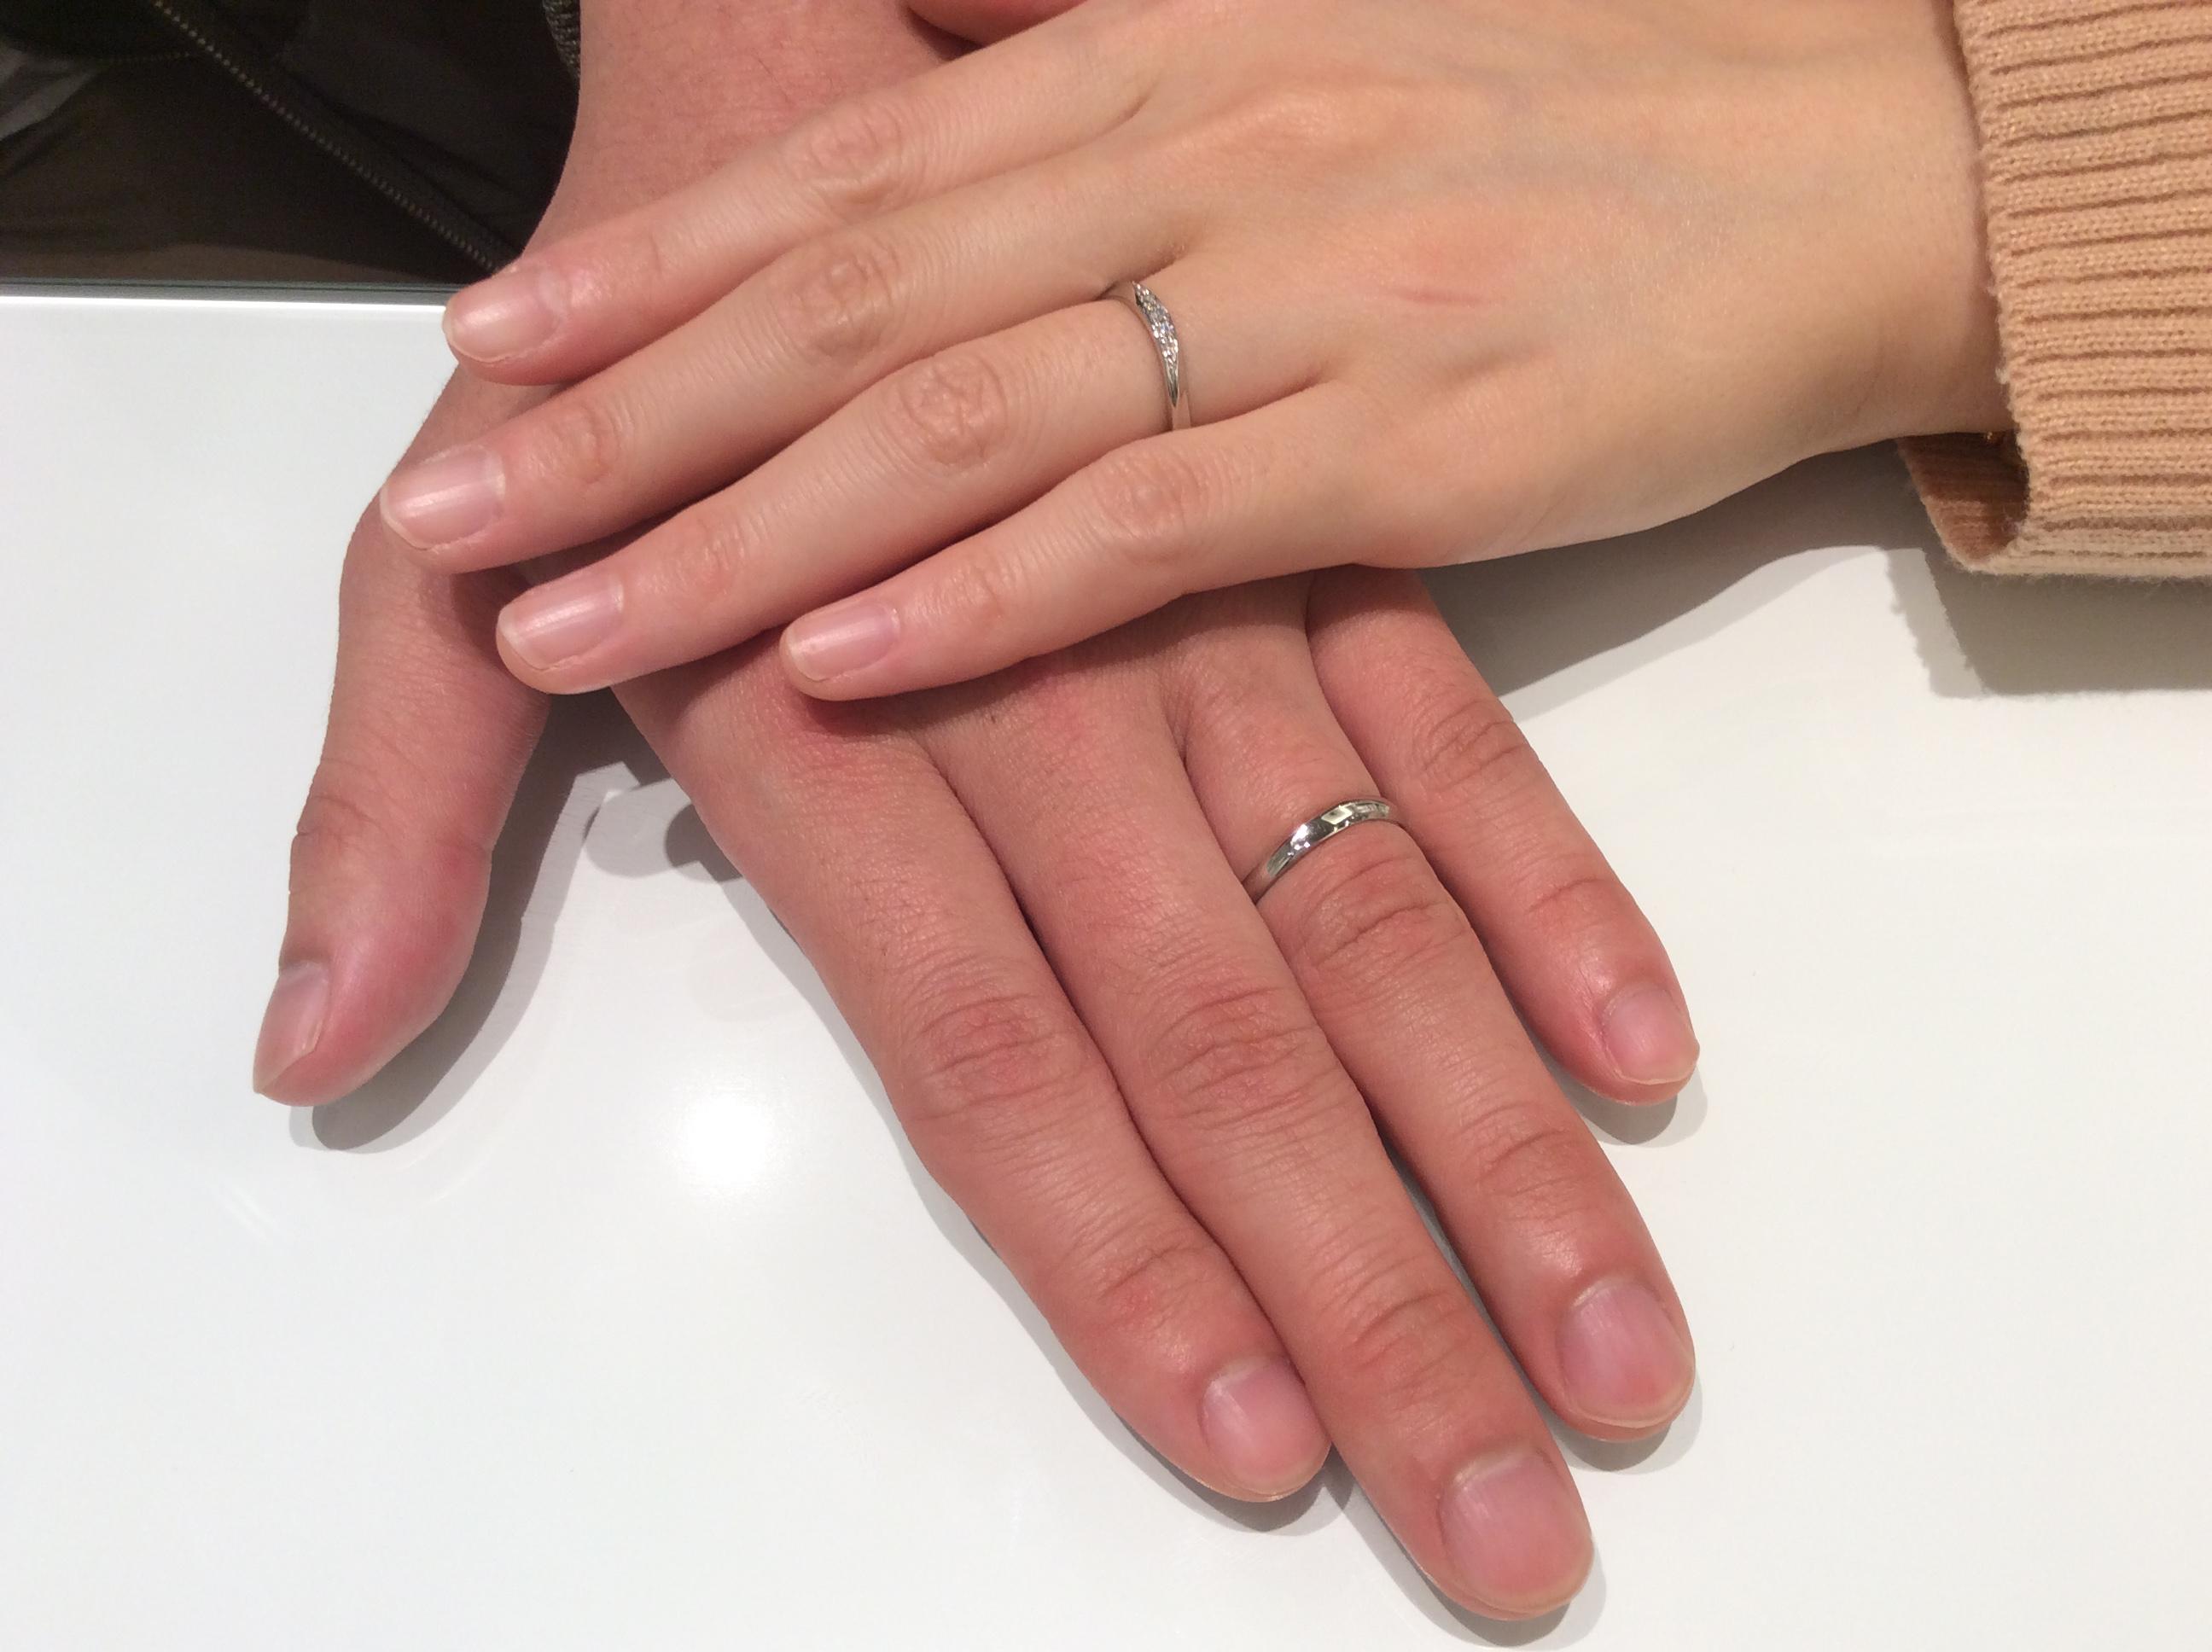 花嫁さんの準備ばっちり!結婚指輪とパールネックレスをご成約(新発田市・新潟市/T様ご夫婦)